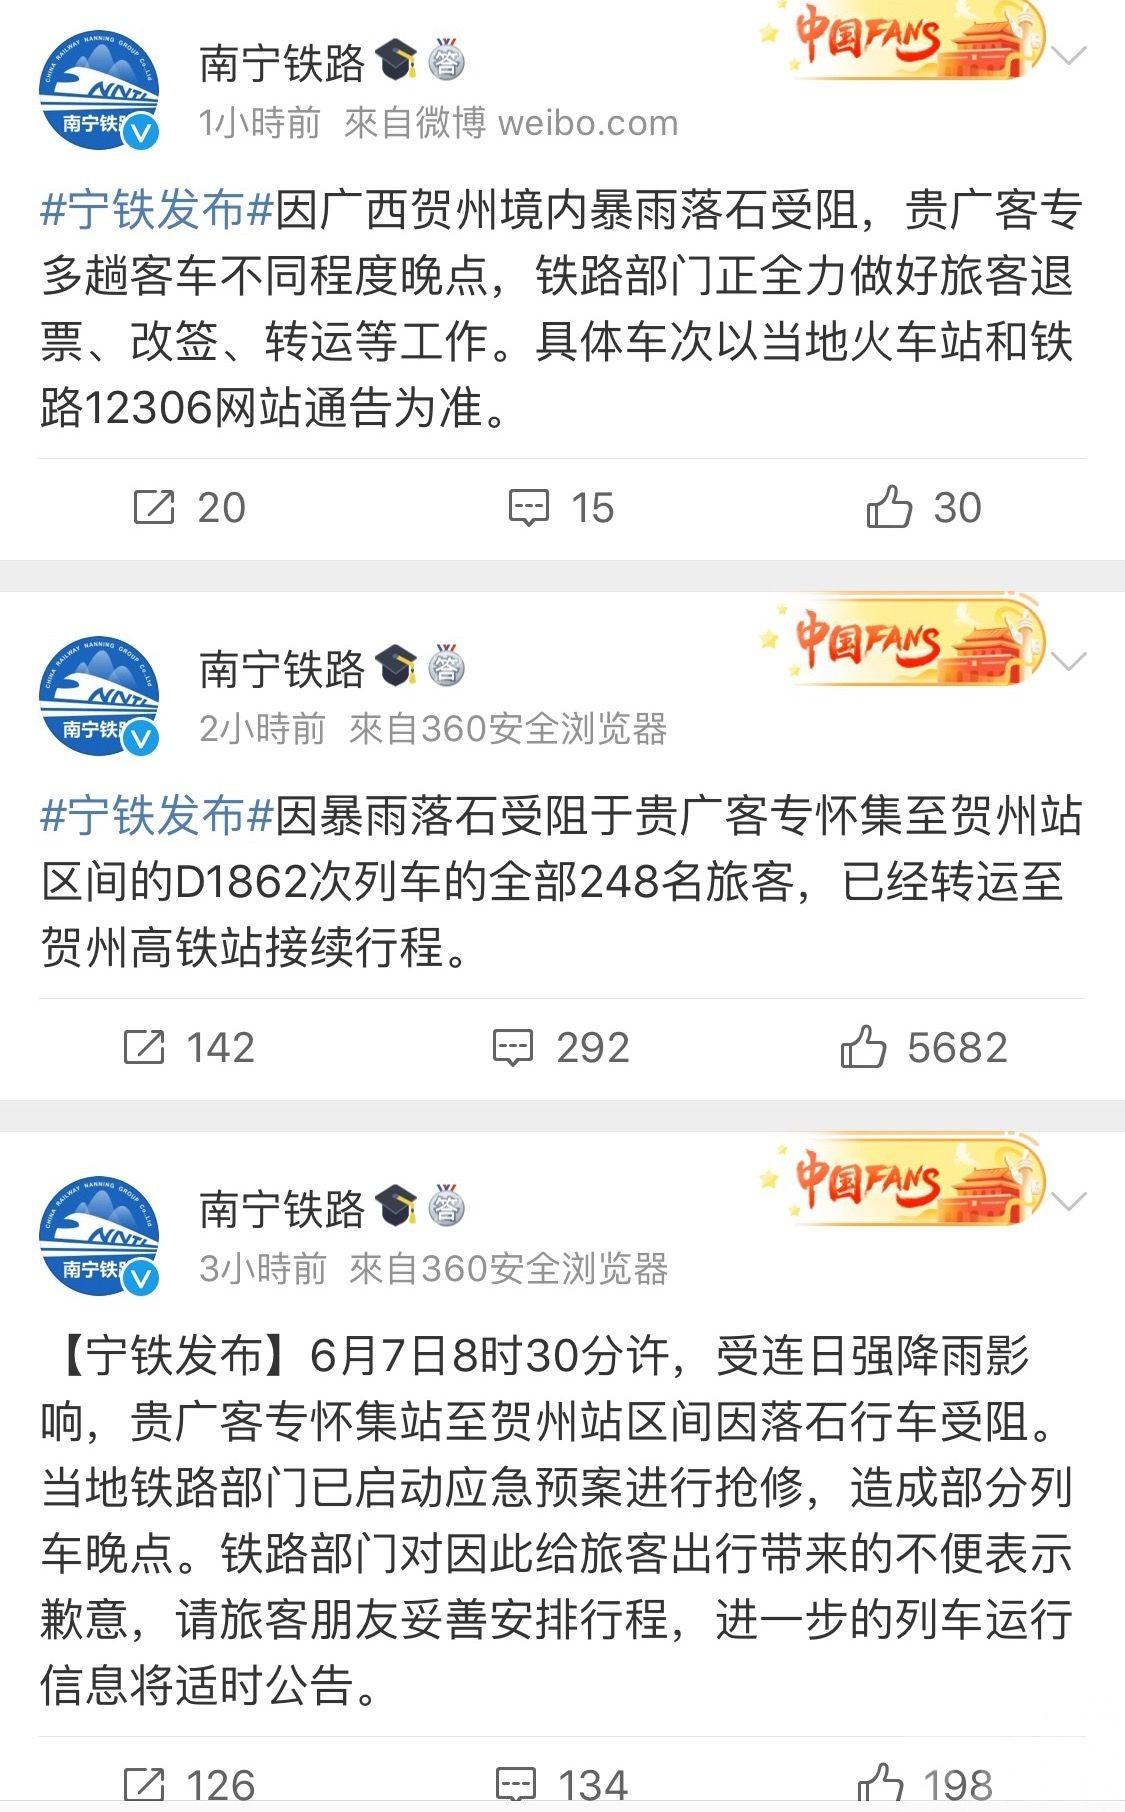 貴廣高鐵列車脫軌輕微翻側 248旅客受阻